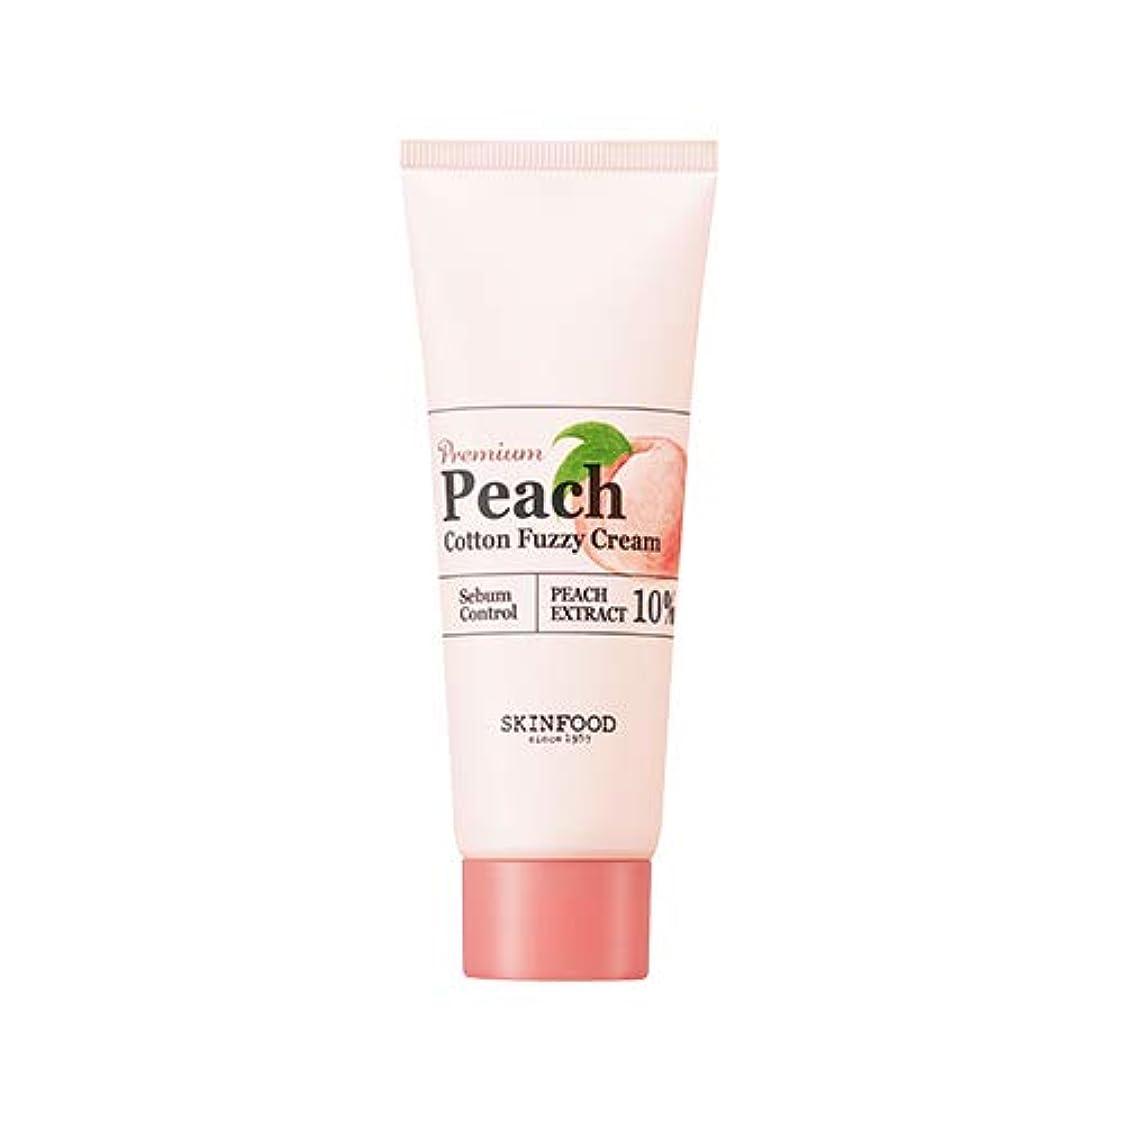 実験ブッシュ抜本的なSkinfood プレミアムピーチコットンファジークリーム/Premium Peach Cotton Fuzzy Cream 65ml [並行輸入品]